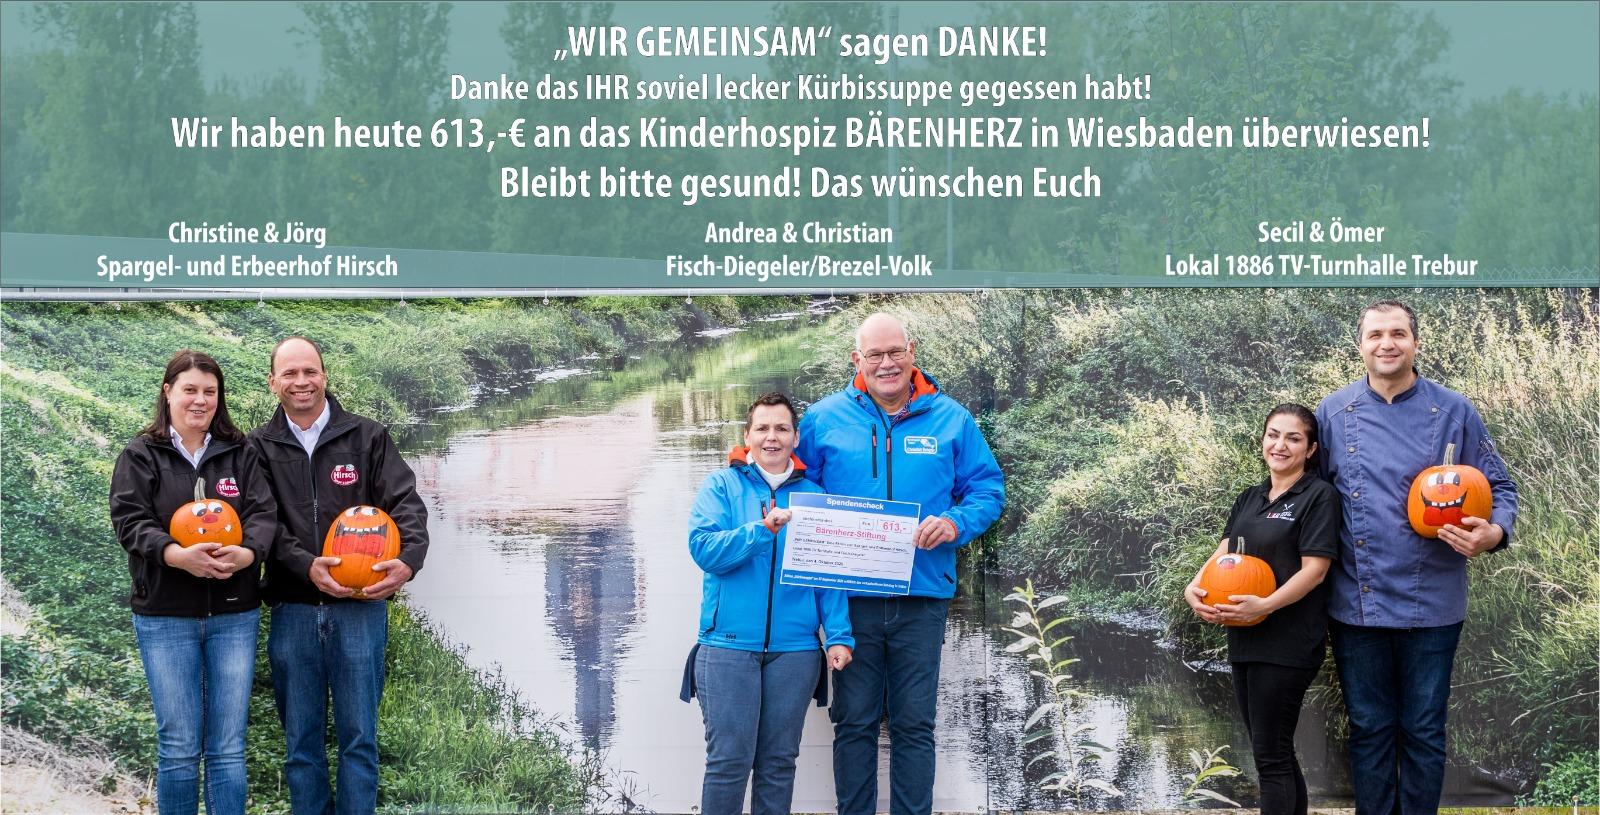 Wir gemeinsam - Spende an das Bärenherz Kinderhospiz in Wiesbaden